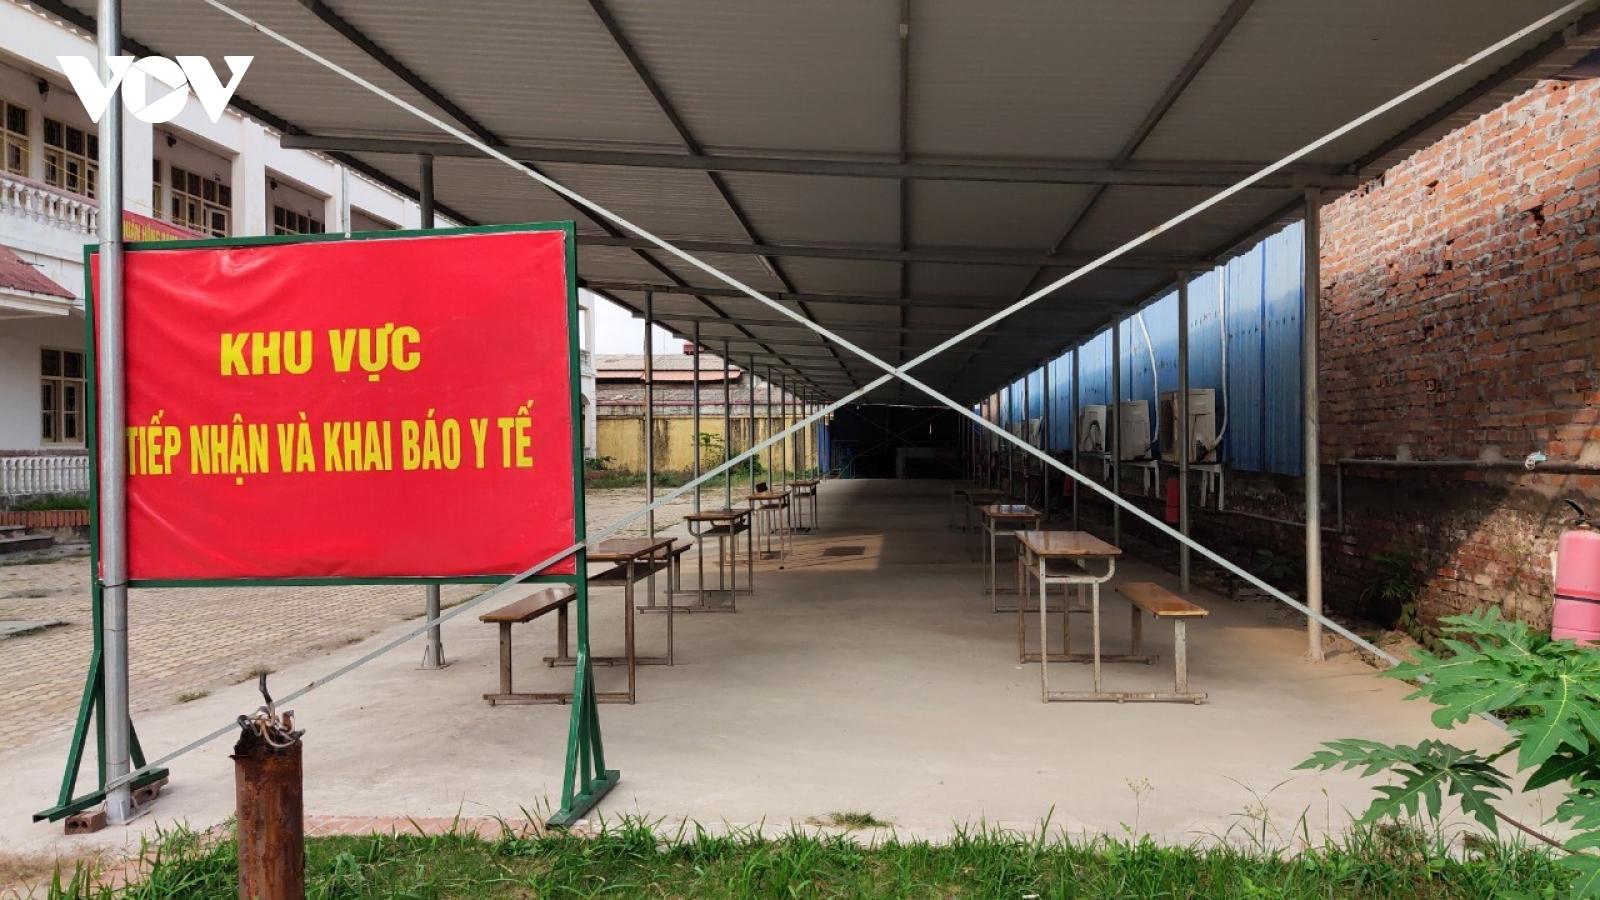 Hải Phòng sẽ cách ly người đến, về từ TP Hồ Chí Minh